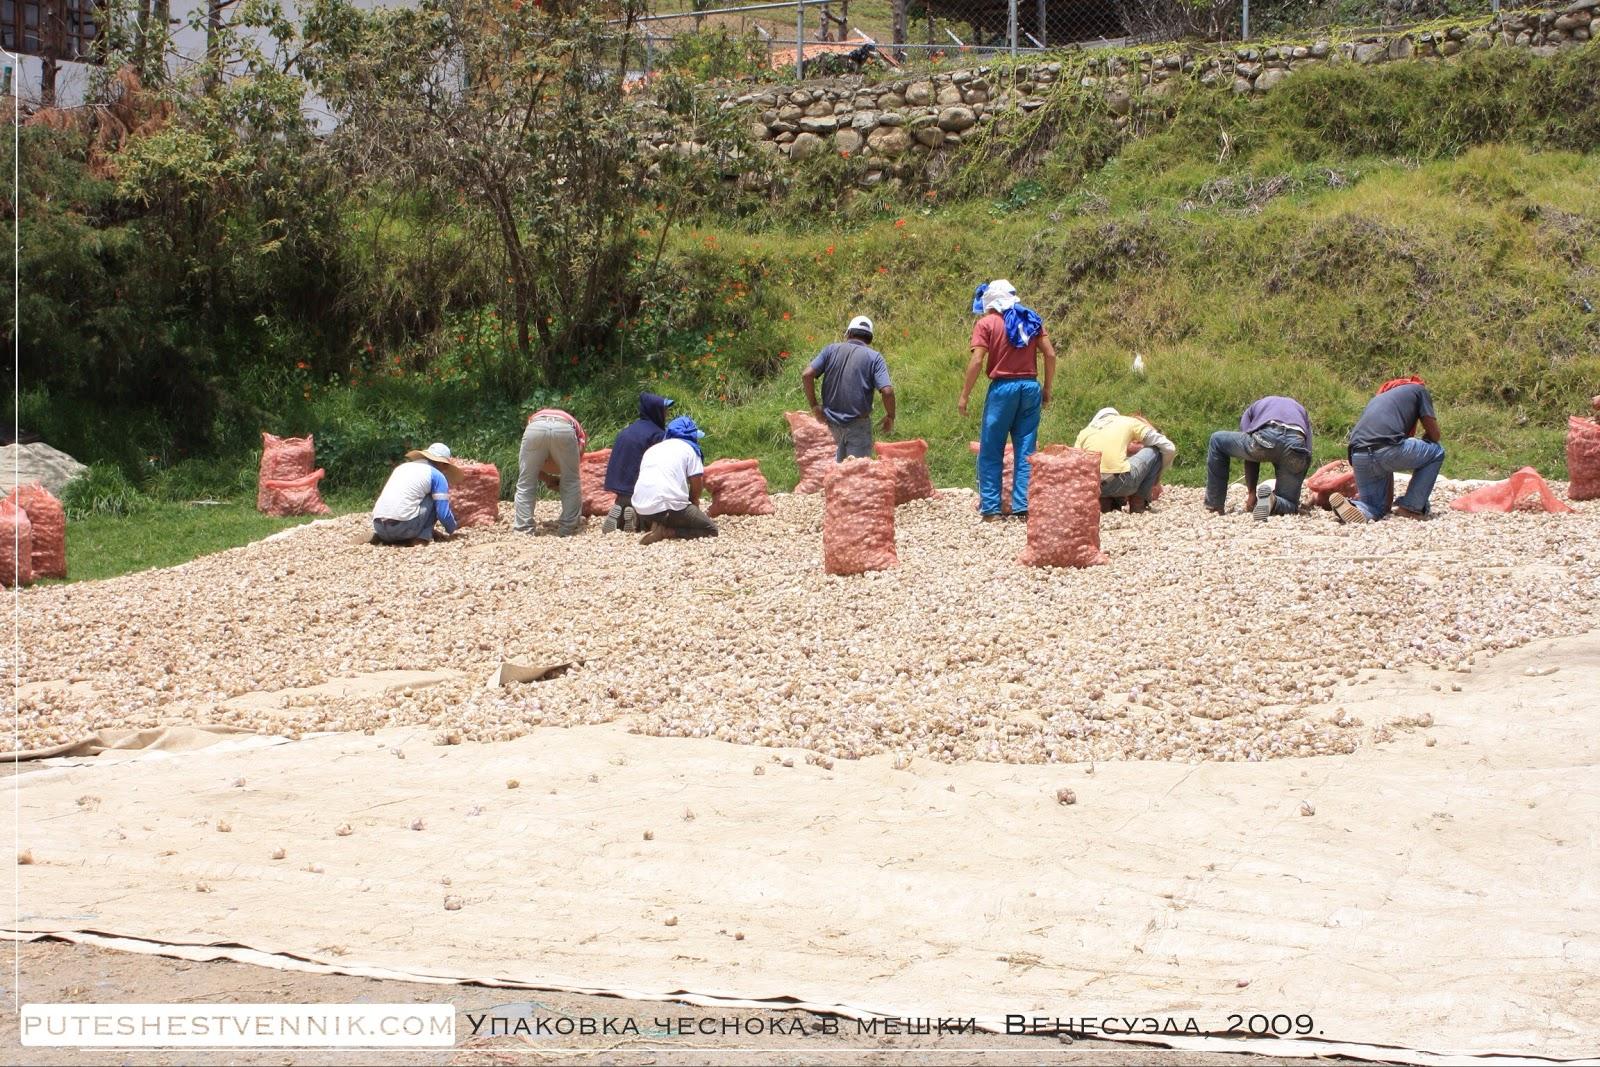 Венесуэльцы упаковывают чеснок в мешки